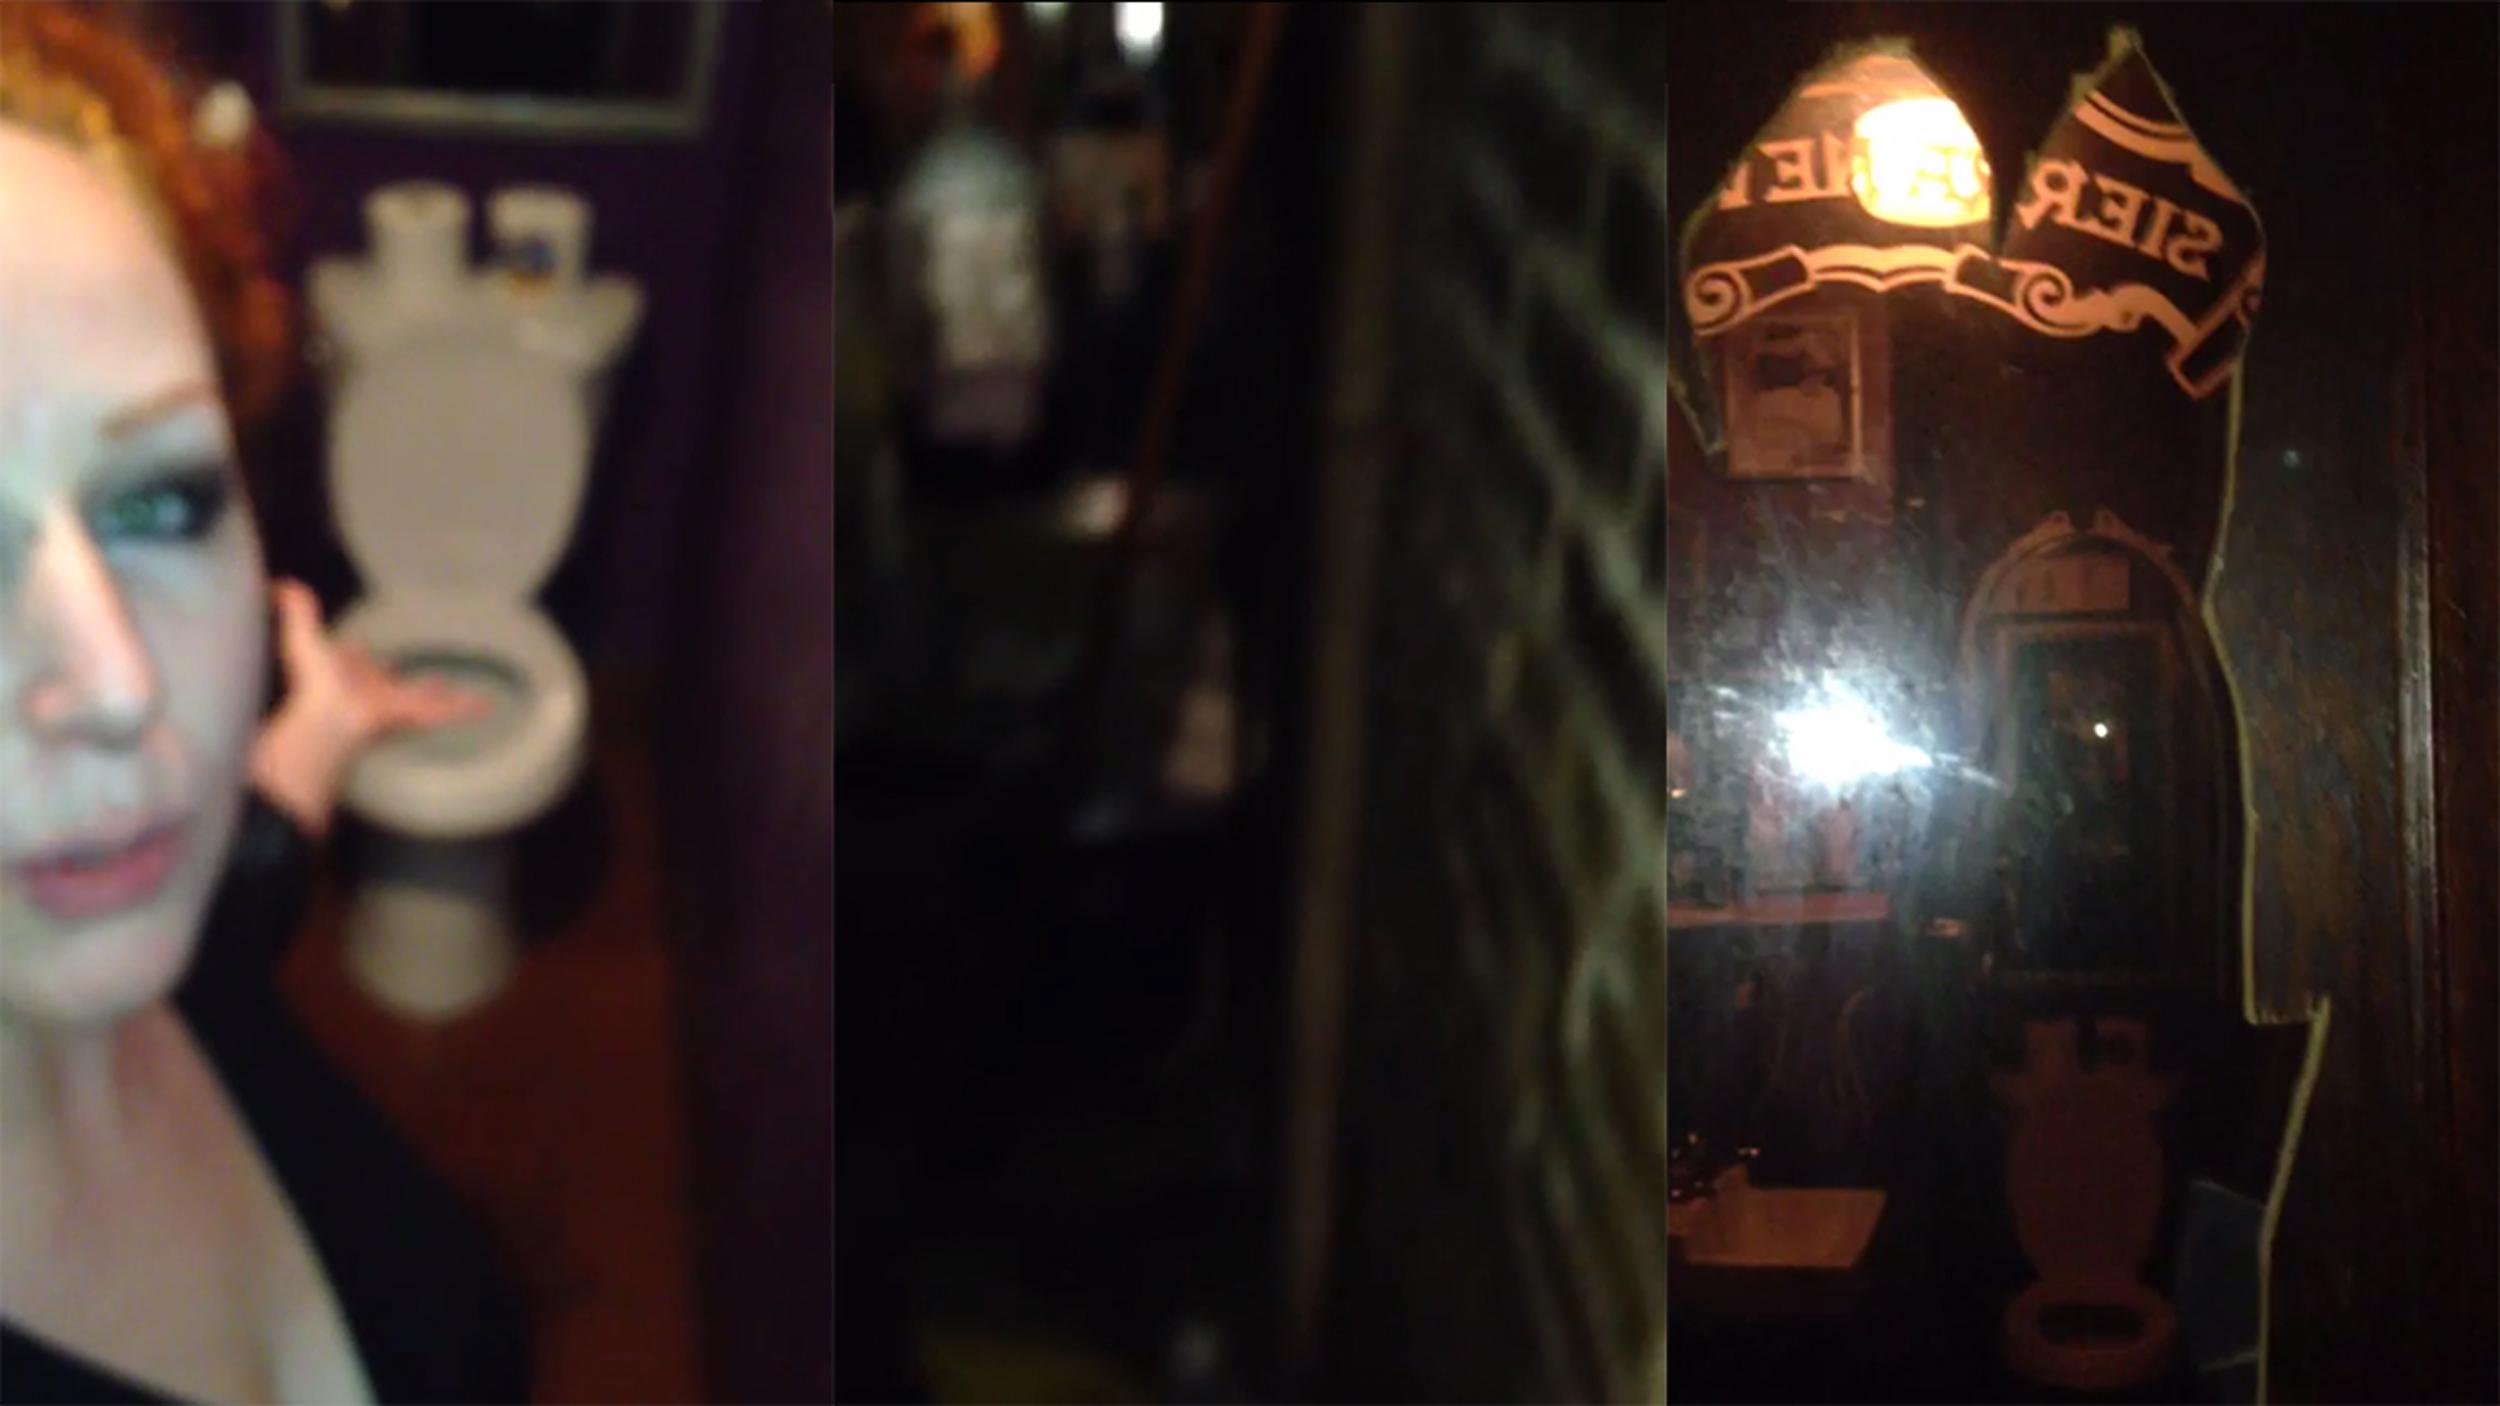 Bar Owner Defends Two-Way Mirror in Women's Restroom